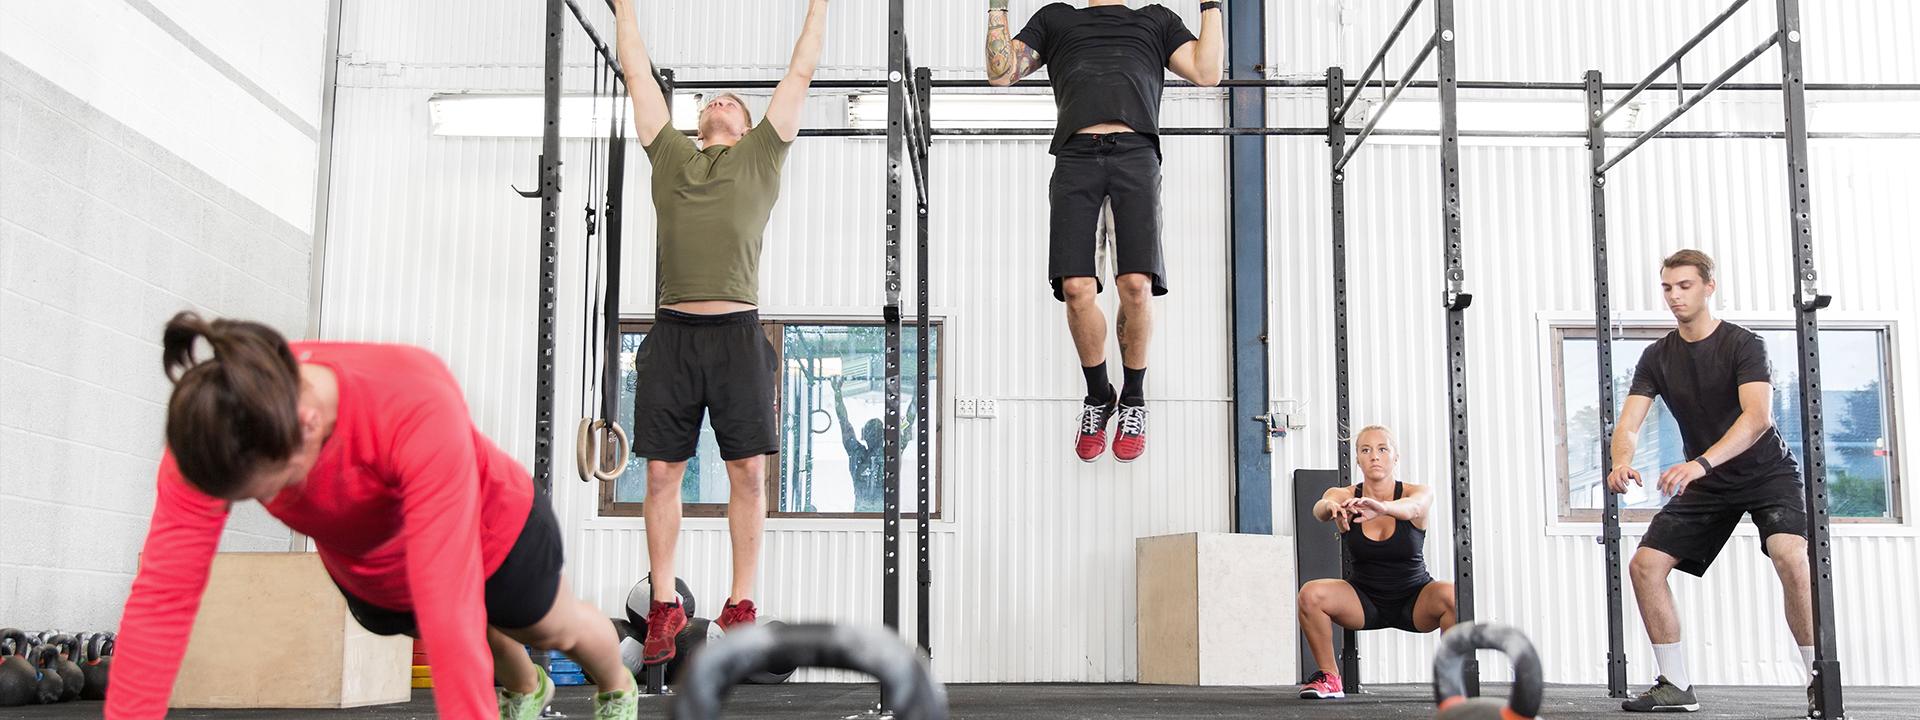 evolve-gym-21